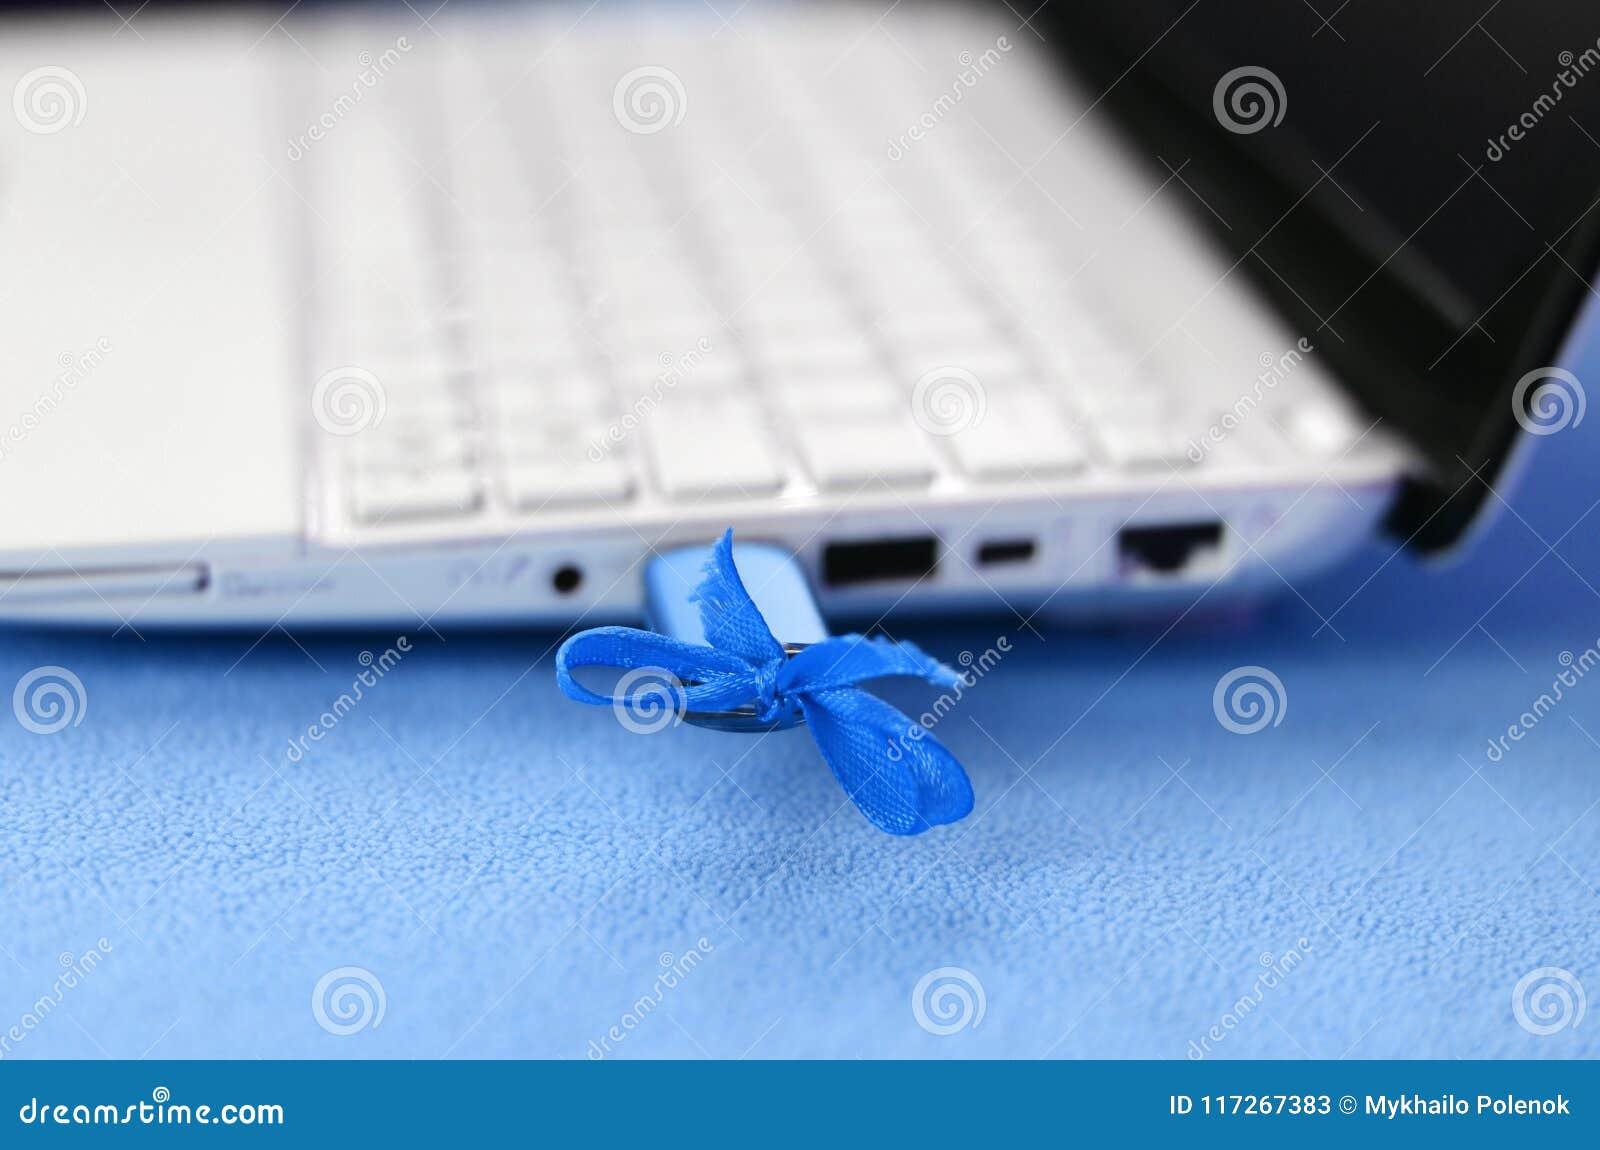 Μια λαμπρή μπλε κίνηση λάμψης USB με ένα μπλε τόξο συνδέεται με ένα άσπρο lap-top, το οποίο βρίσκεται σε ένα κάλυμμα του μαλακού